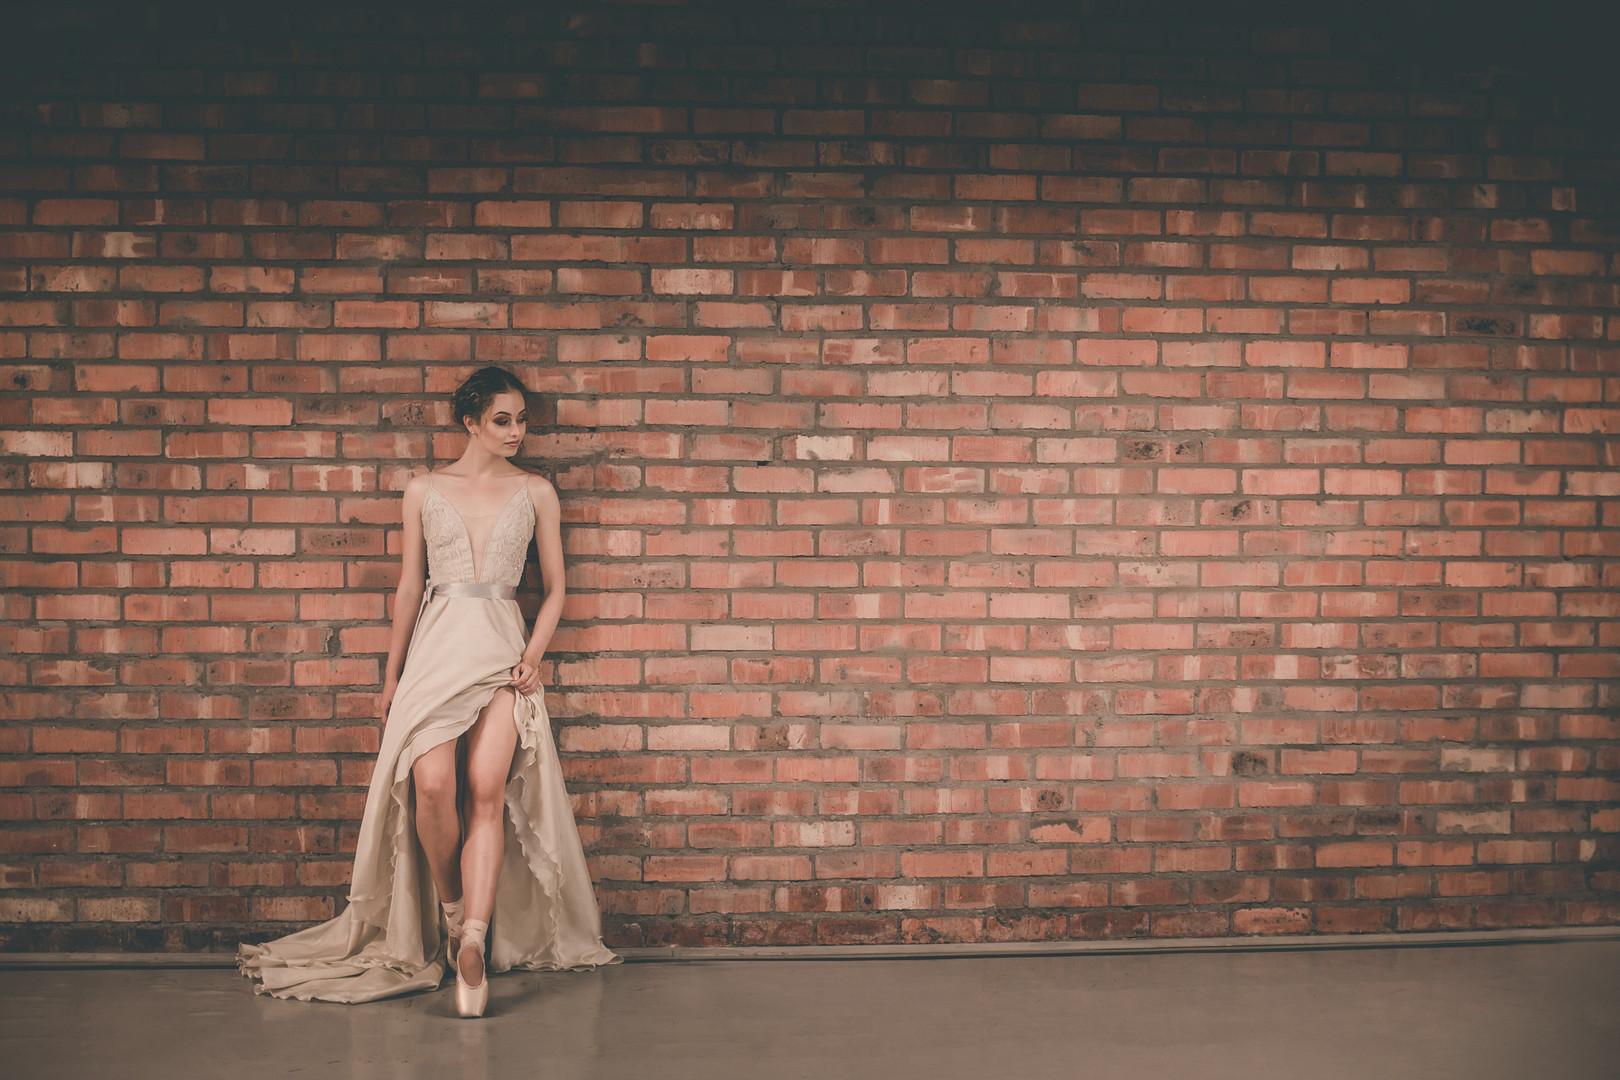 2018-01-18 Ballerina - LR-24.jpg